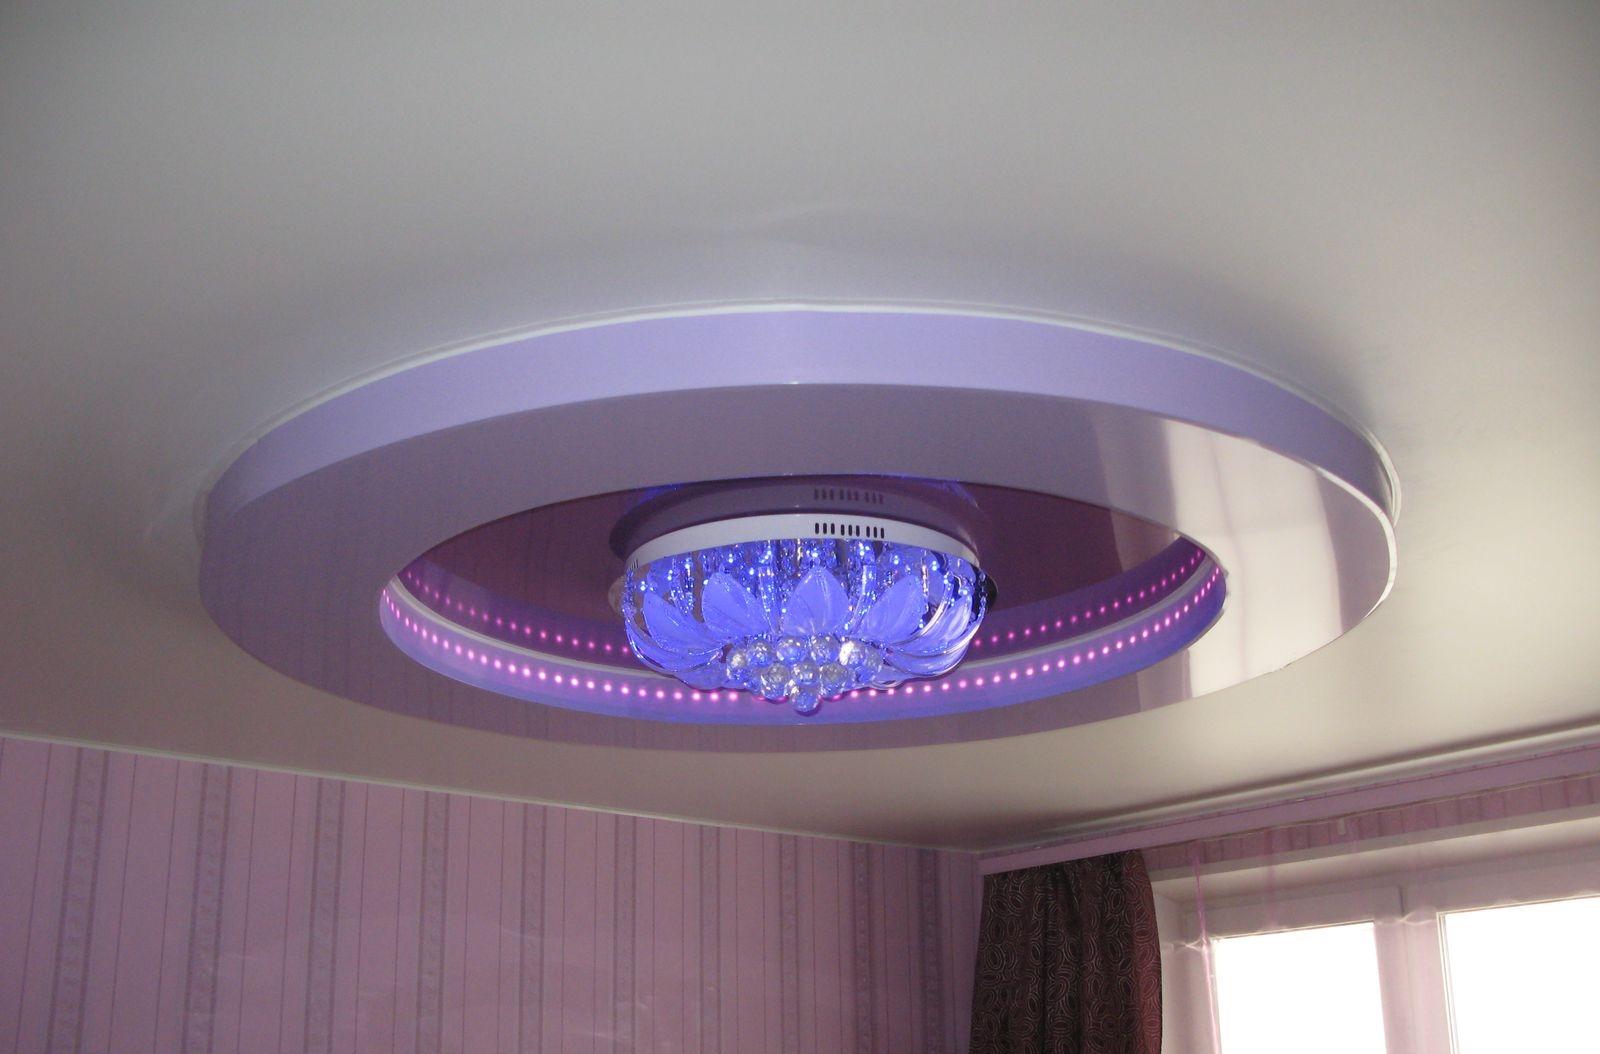 Как выбрать люстру для натяжного потолка в Симферополе?